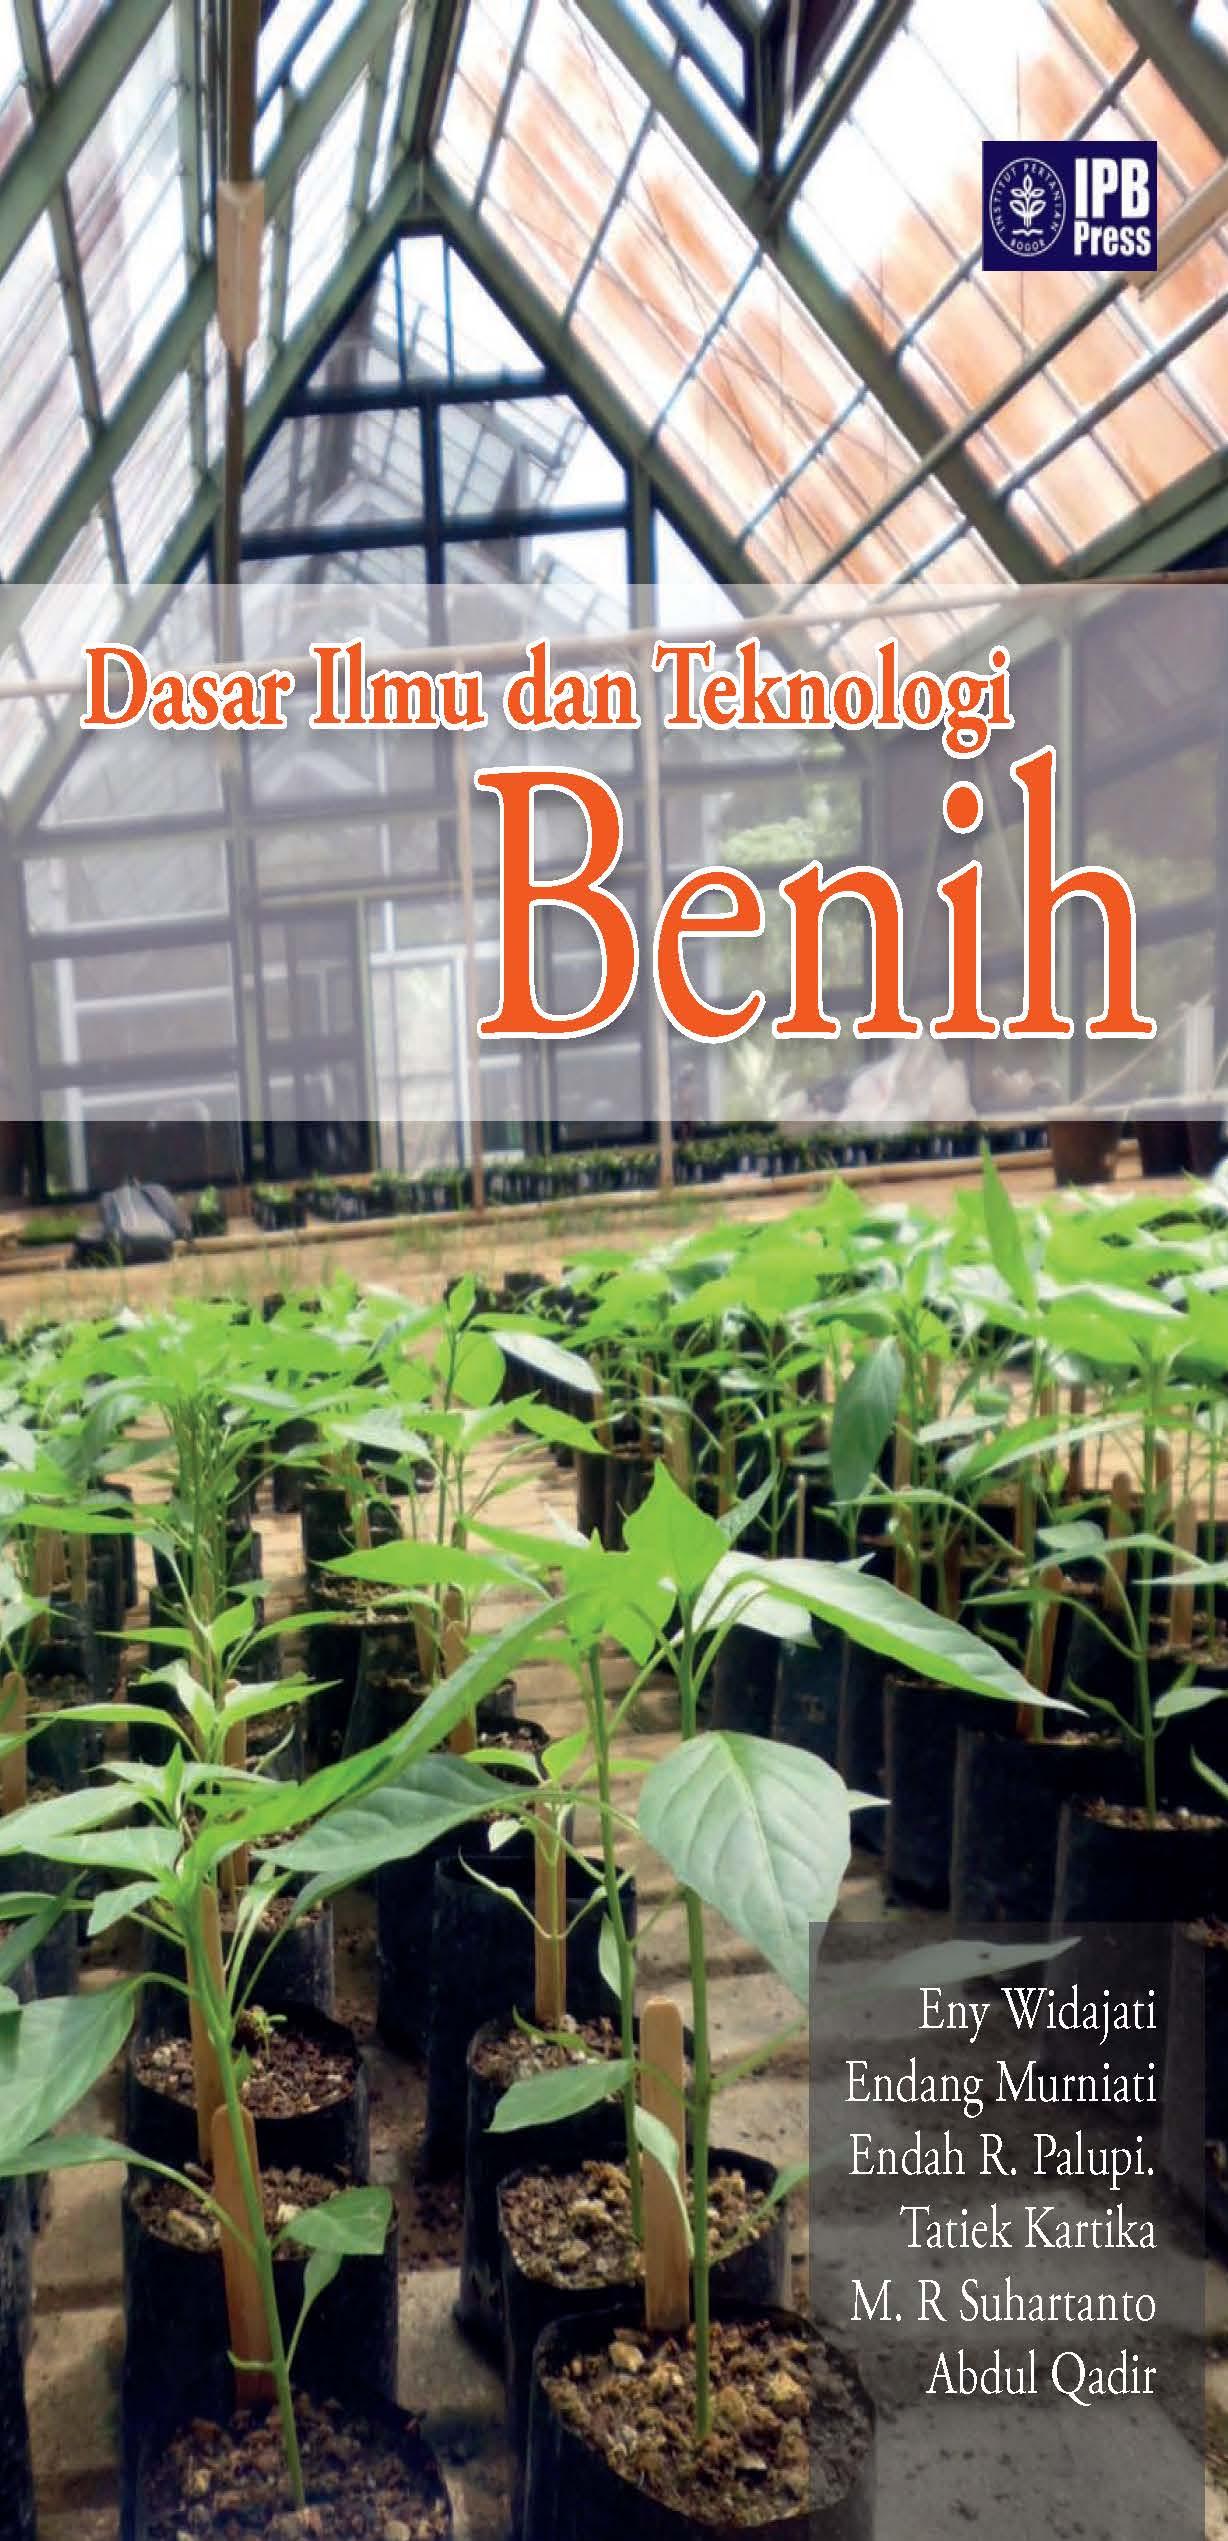 Dasar ilmu dan teknologi benih [sumber elektronis]